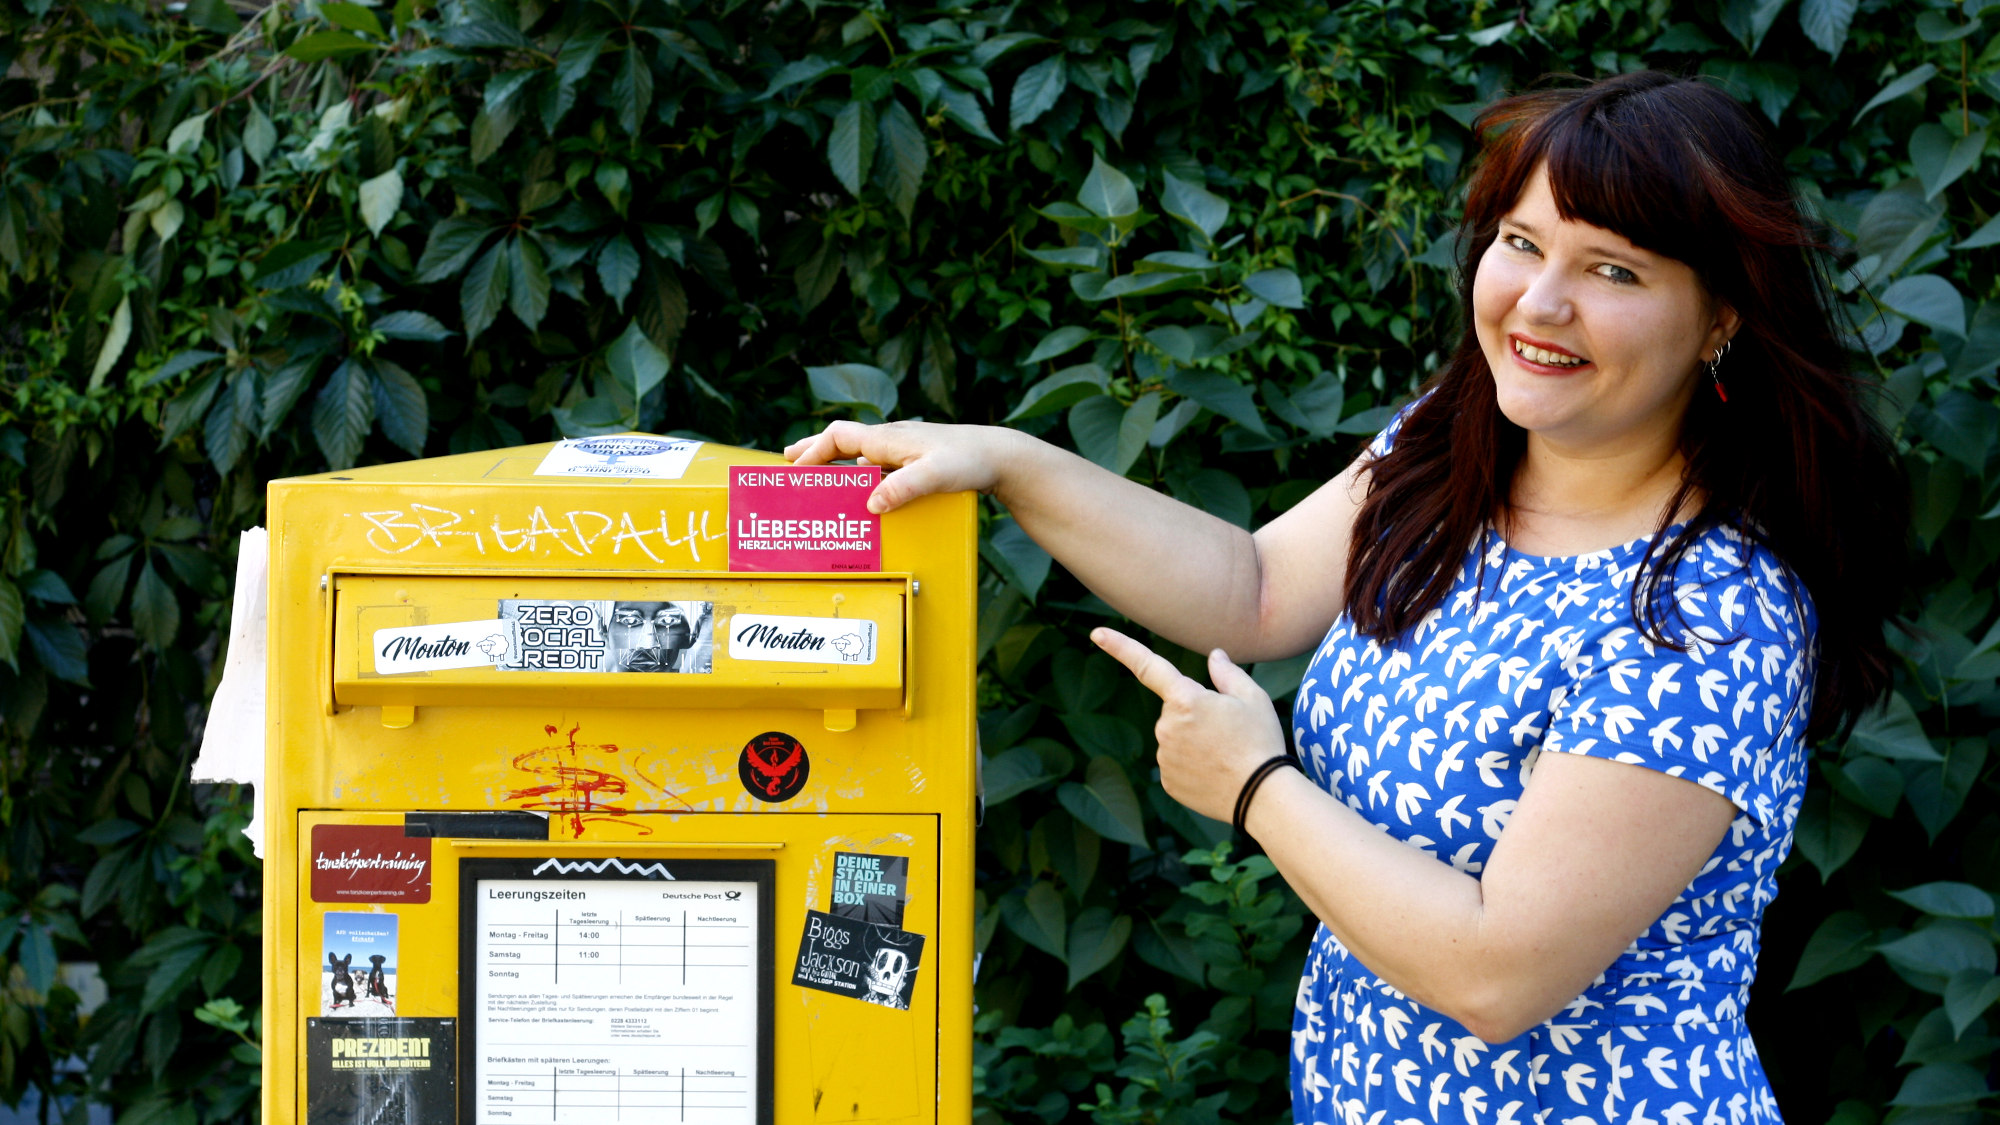 Enna möchte ihren Fans liebe Post senden.